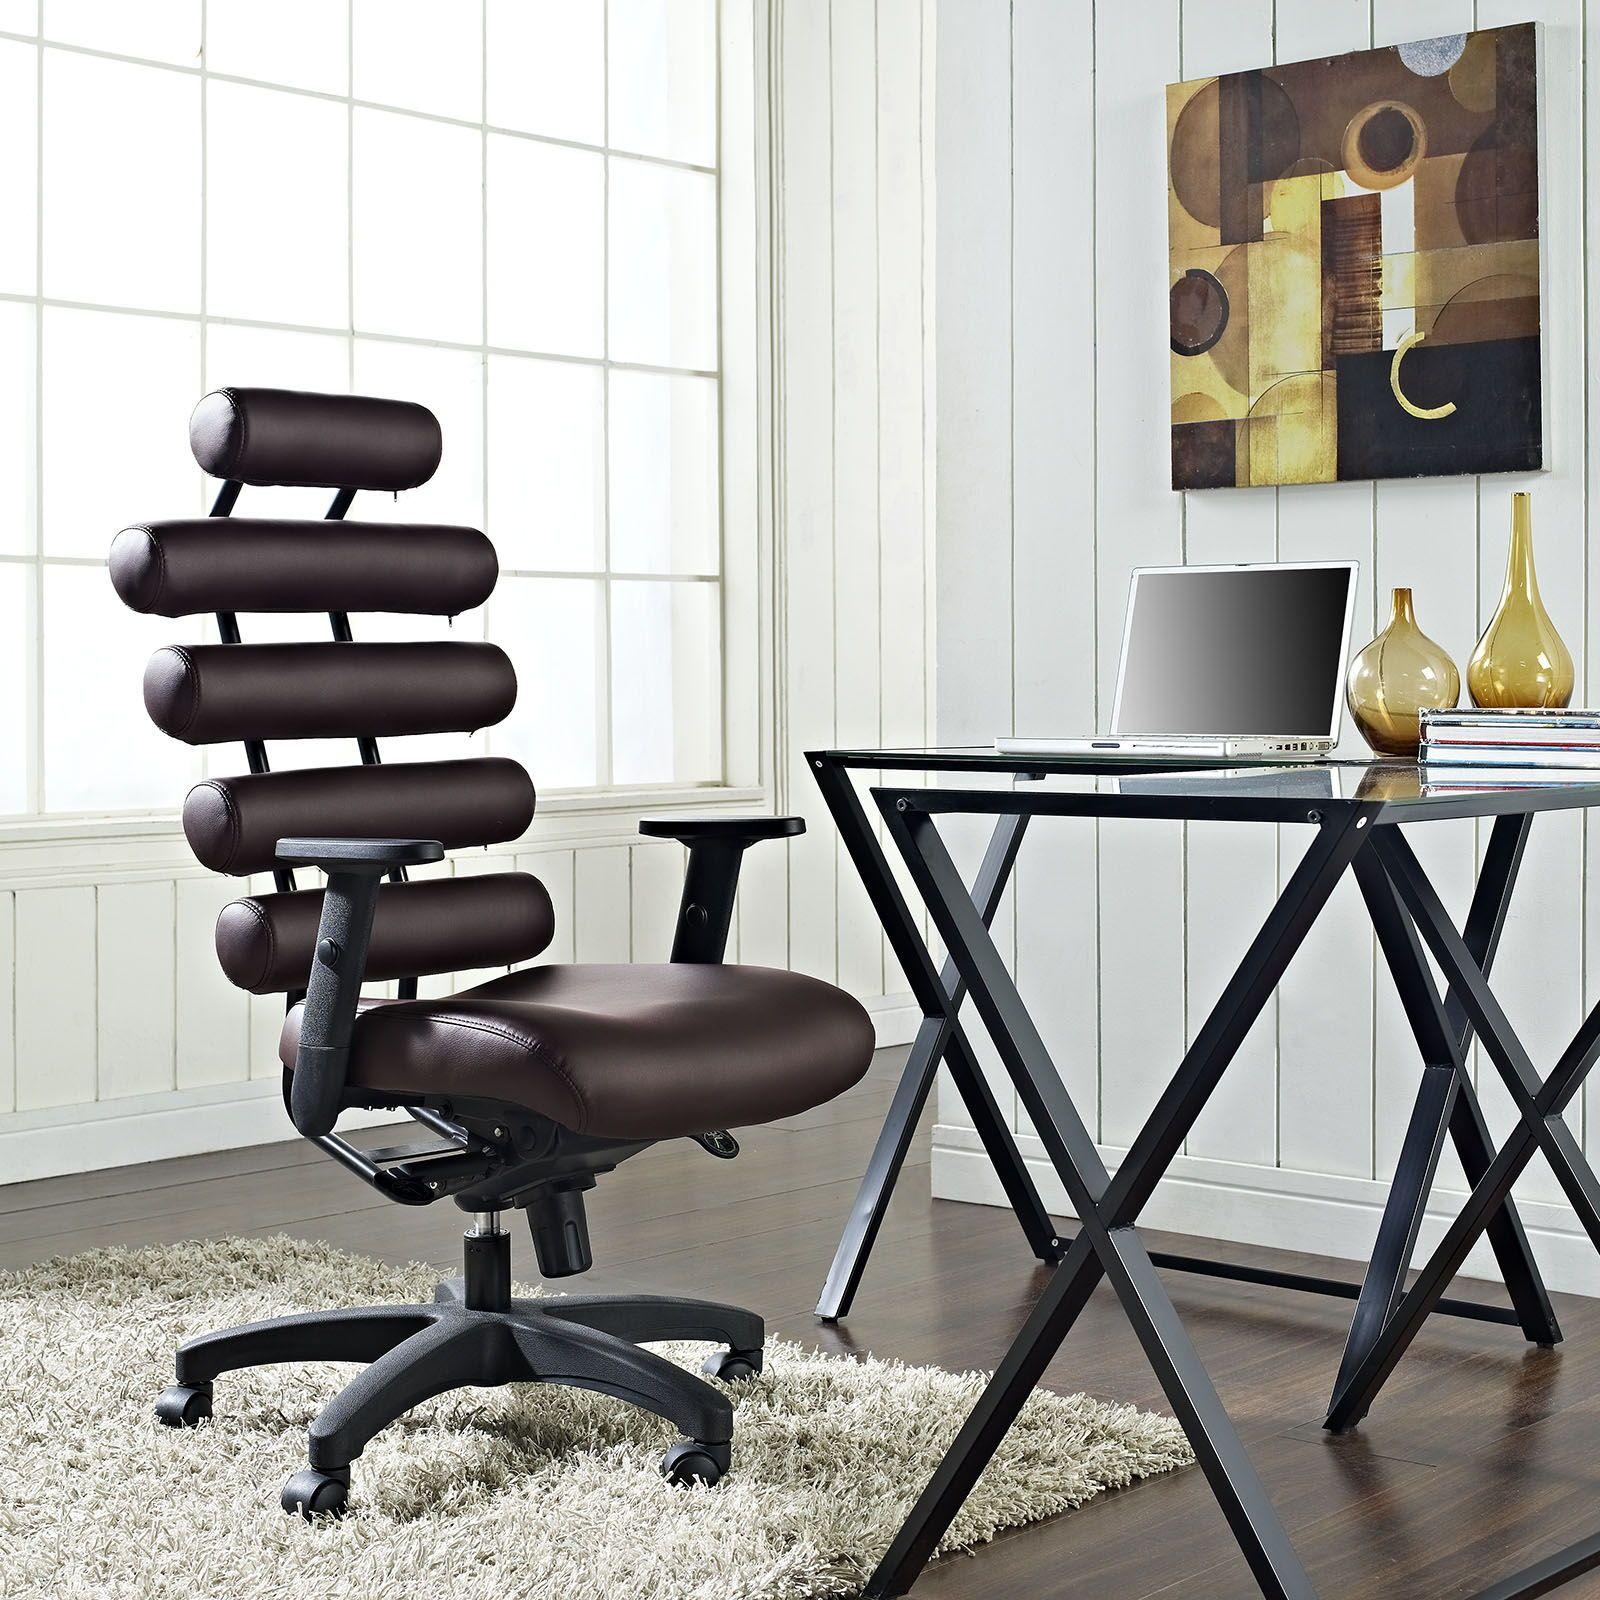 Pillow Modern Dark Brown Vinyl Aluminum Metal Office Chair